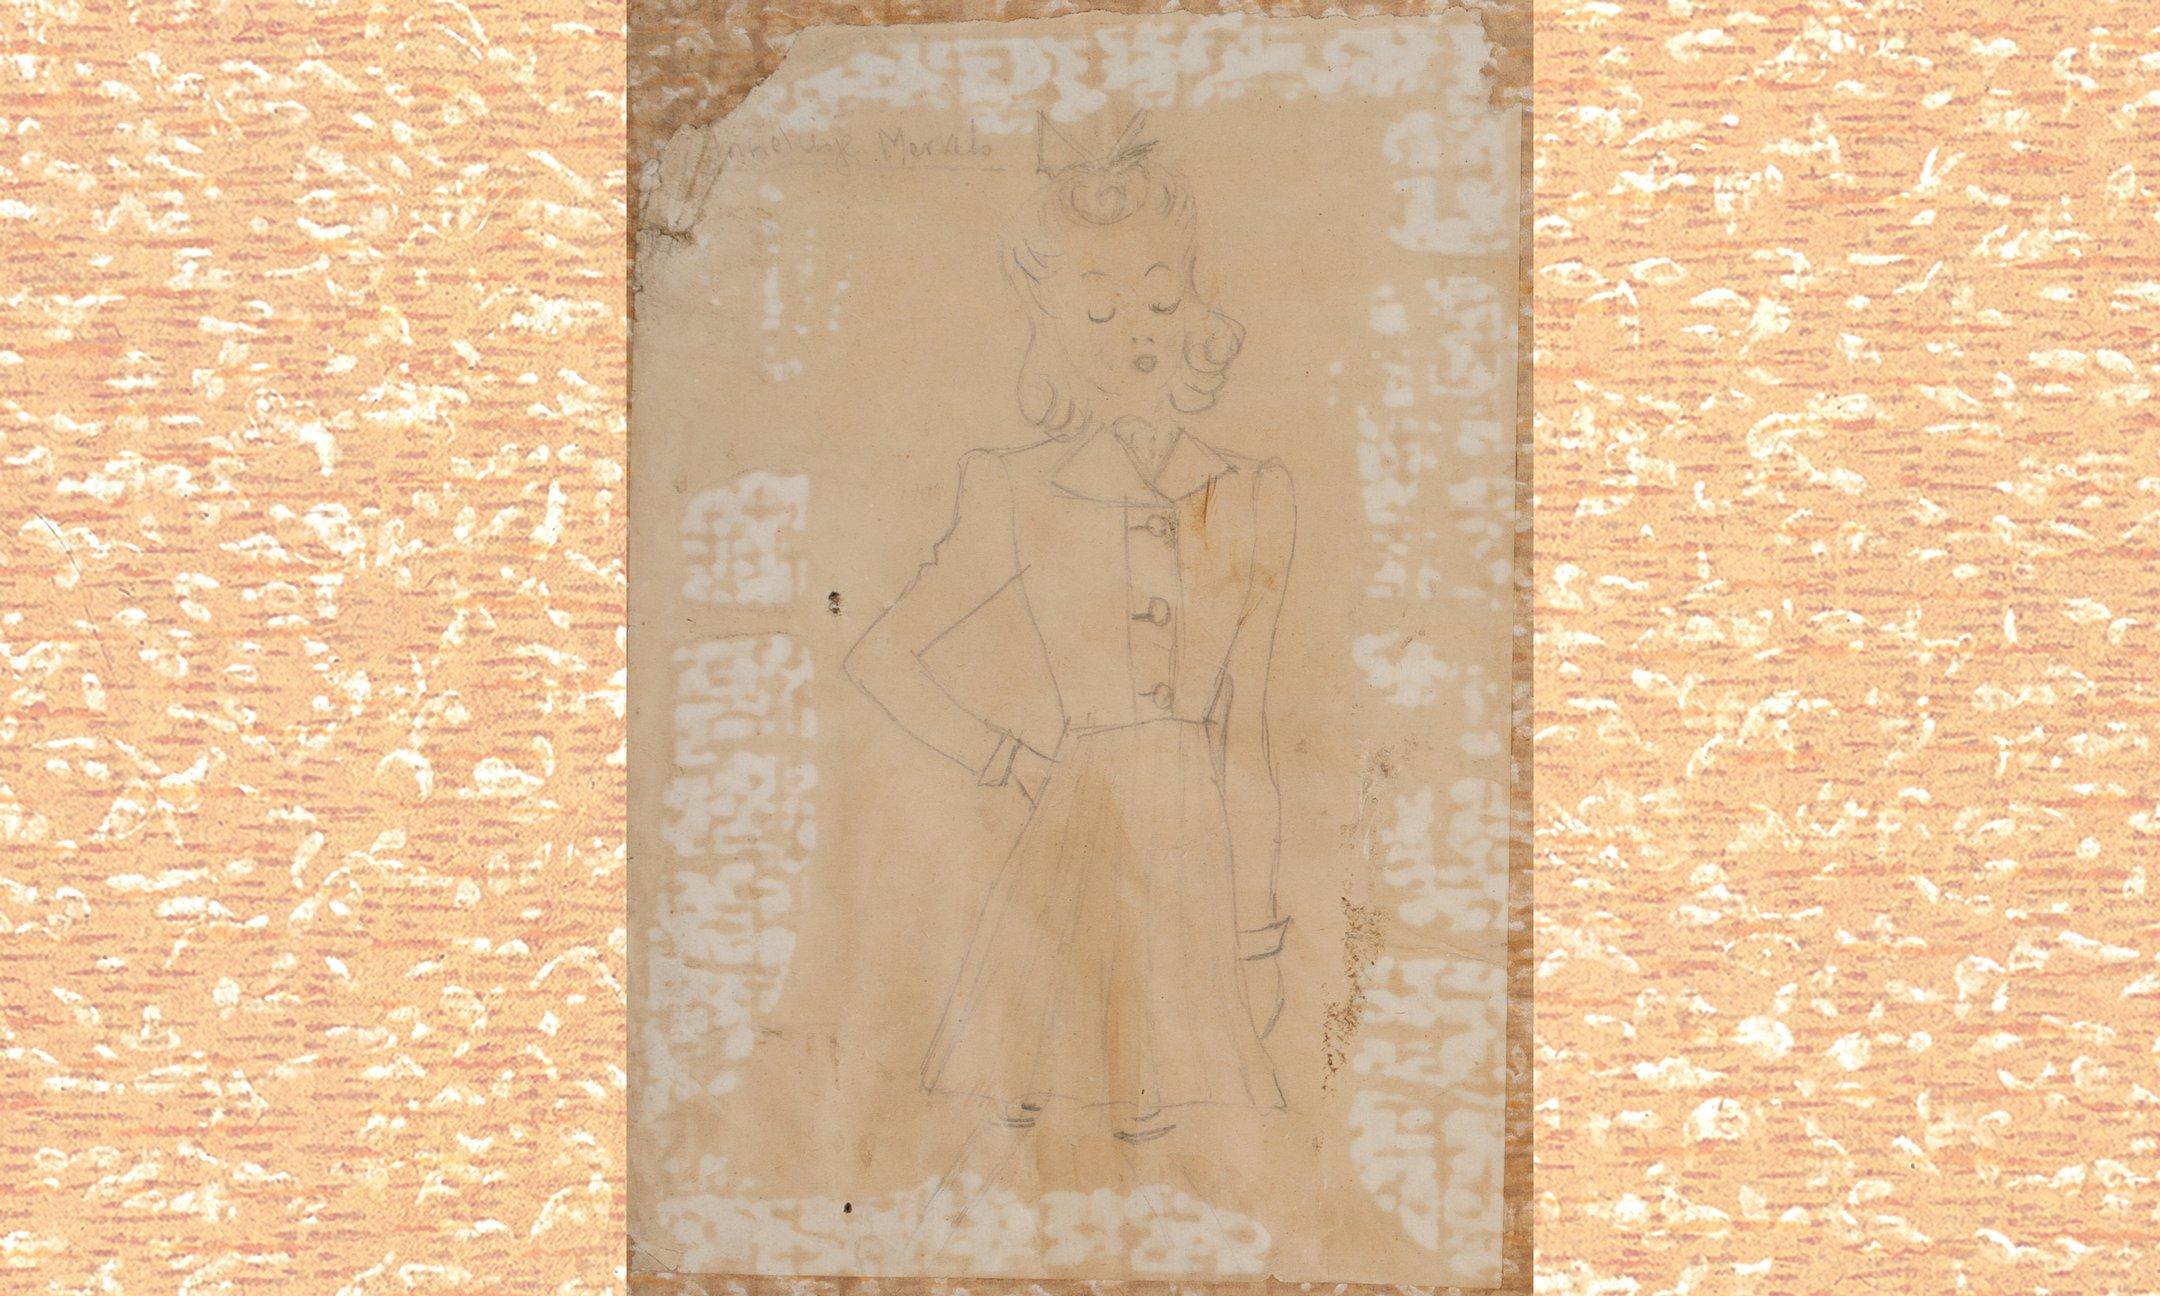 Op de wanden van Annes kamertje hangen twee potloodtekeningen van een meisje. Een tekening is helaas verdwenen. In haar dagboek schrijft Anne dat zij het jammer vindt dat zij niet goed kan tekenen.